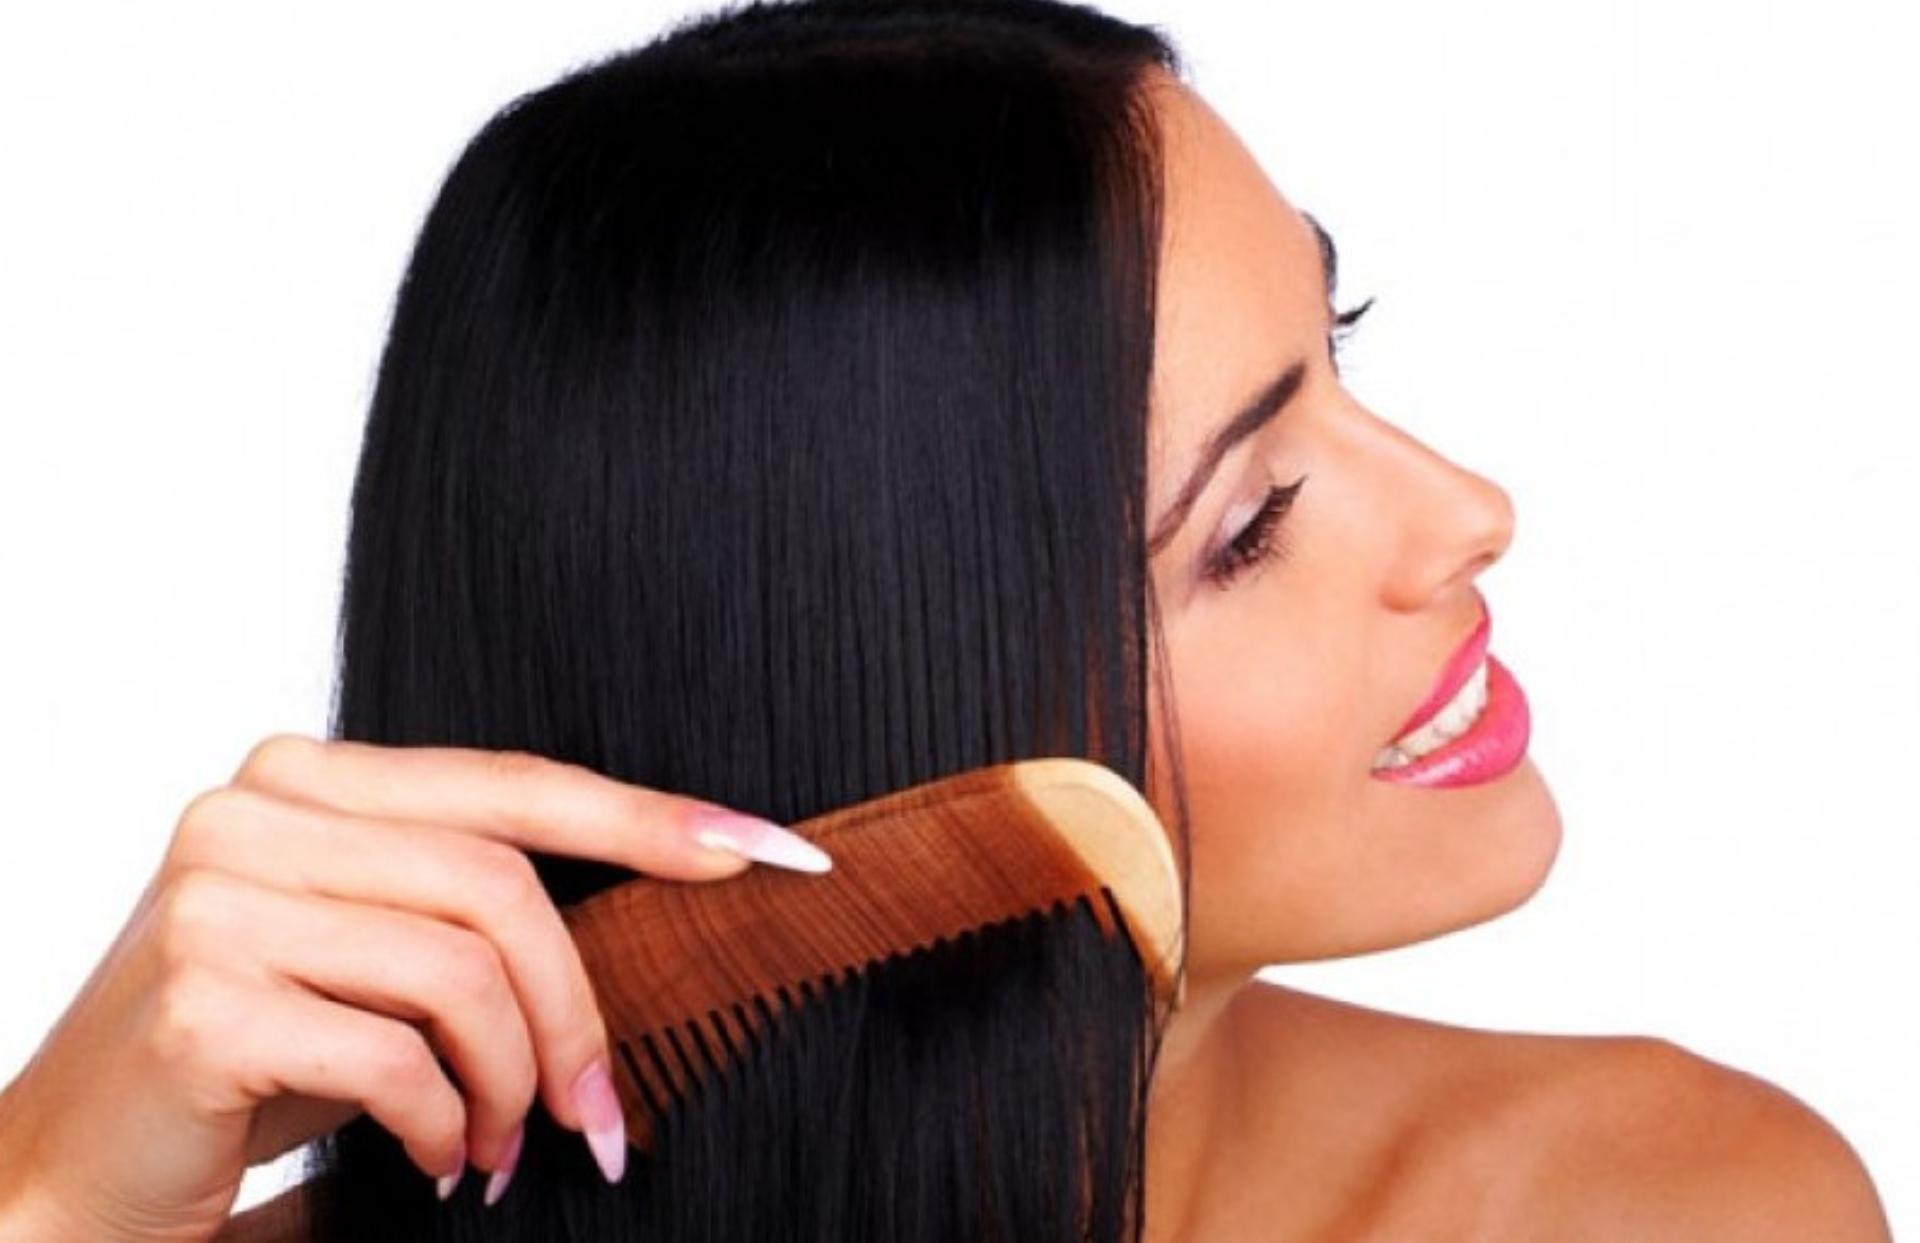 Hair Care Tips: कंघी करते वक्त अगर आप भी करती हैं ये गलतियां, तो हो सकता है बालों को नुकसान